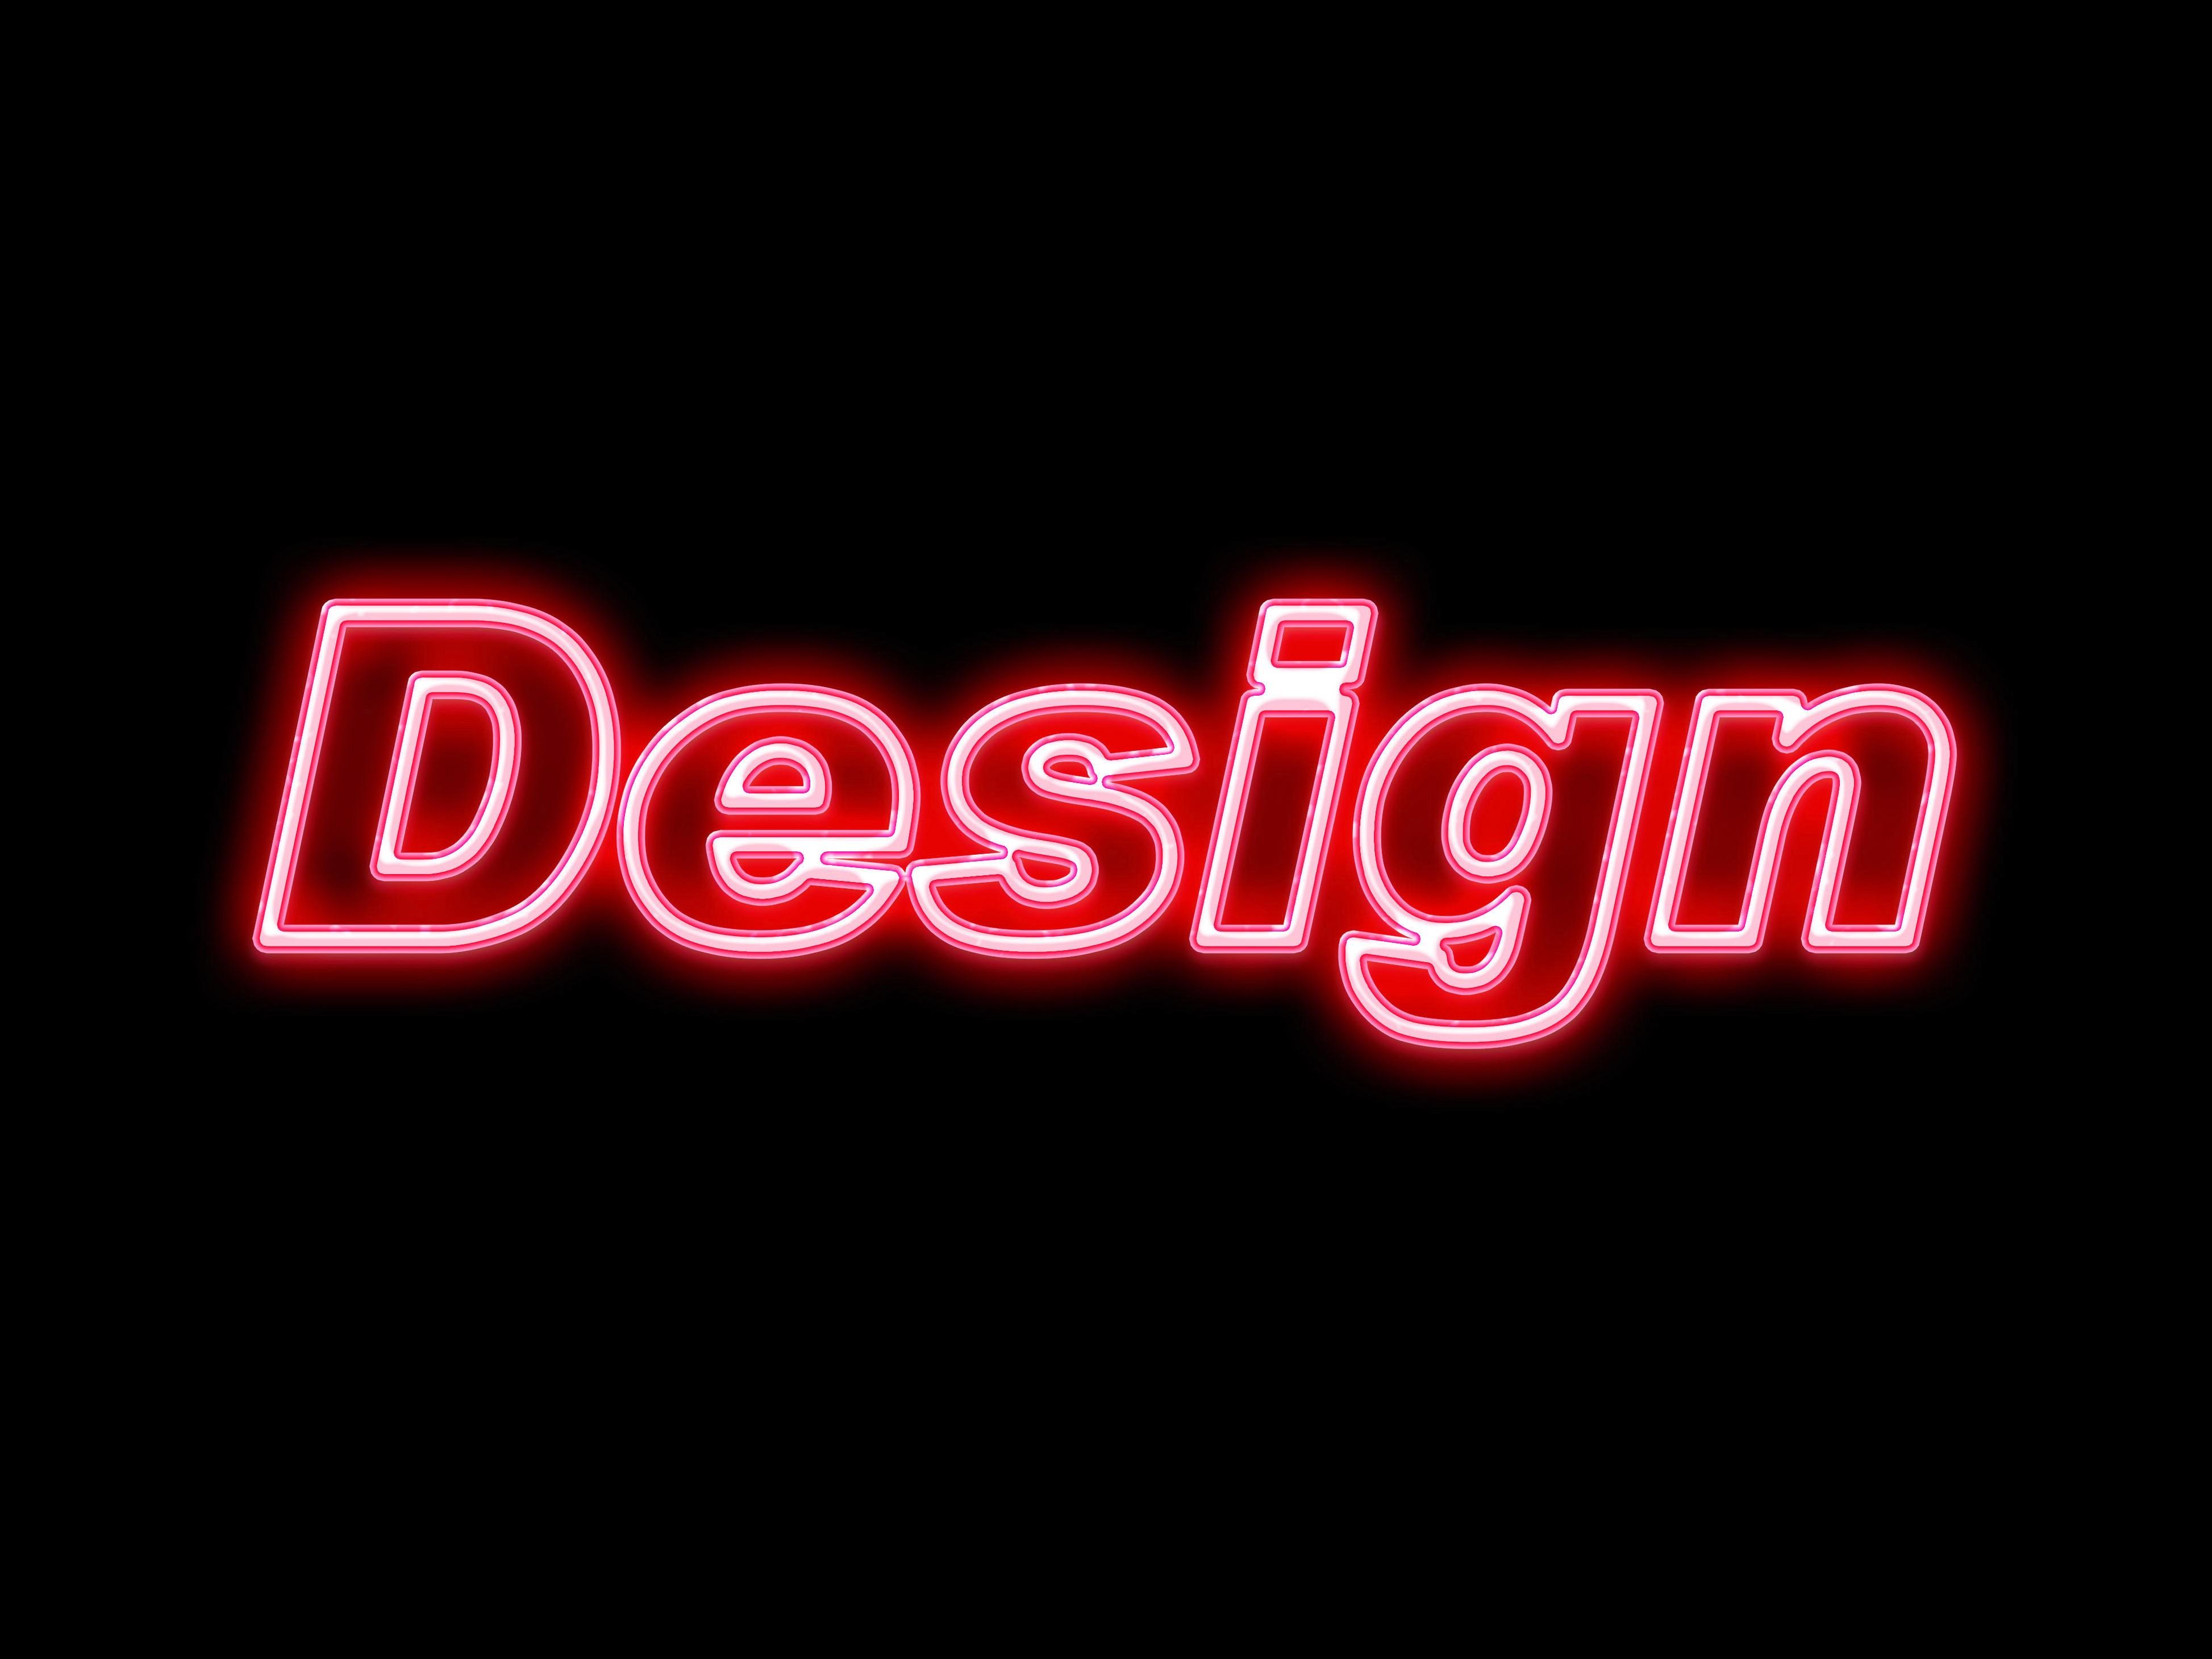 12년차 베테랑 디자이너가 네온사인 디자인 해 드립니다.